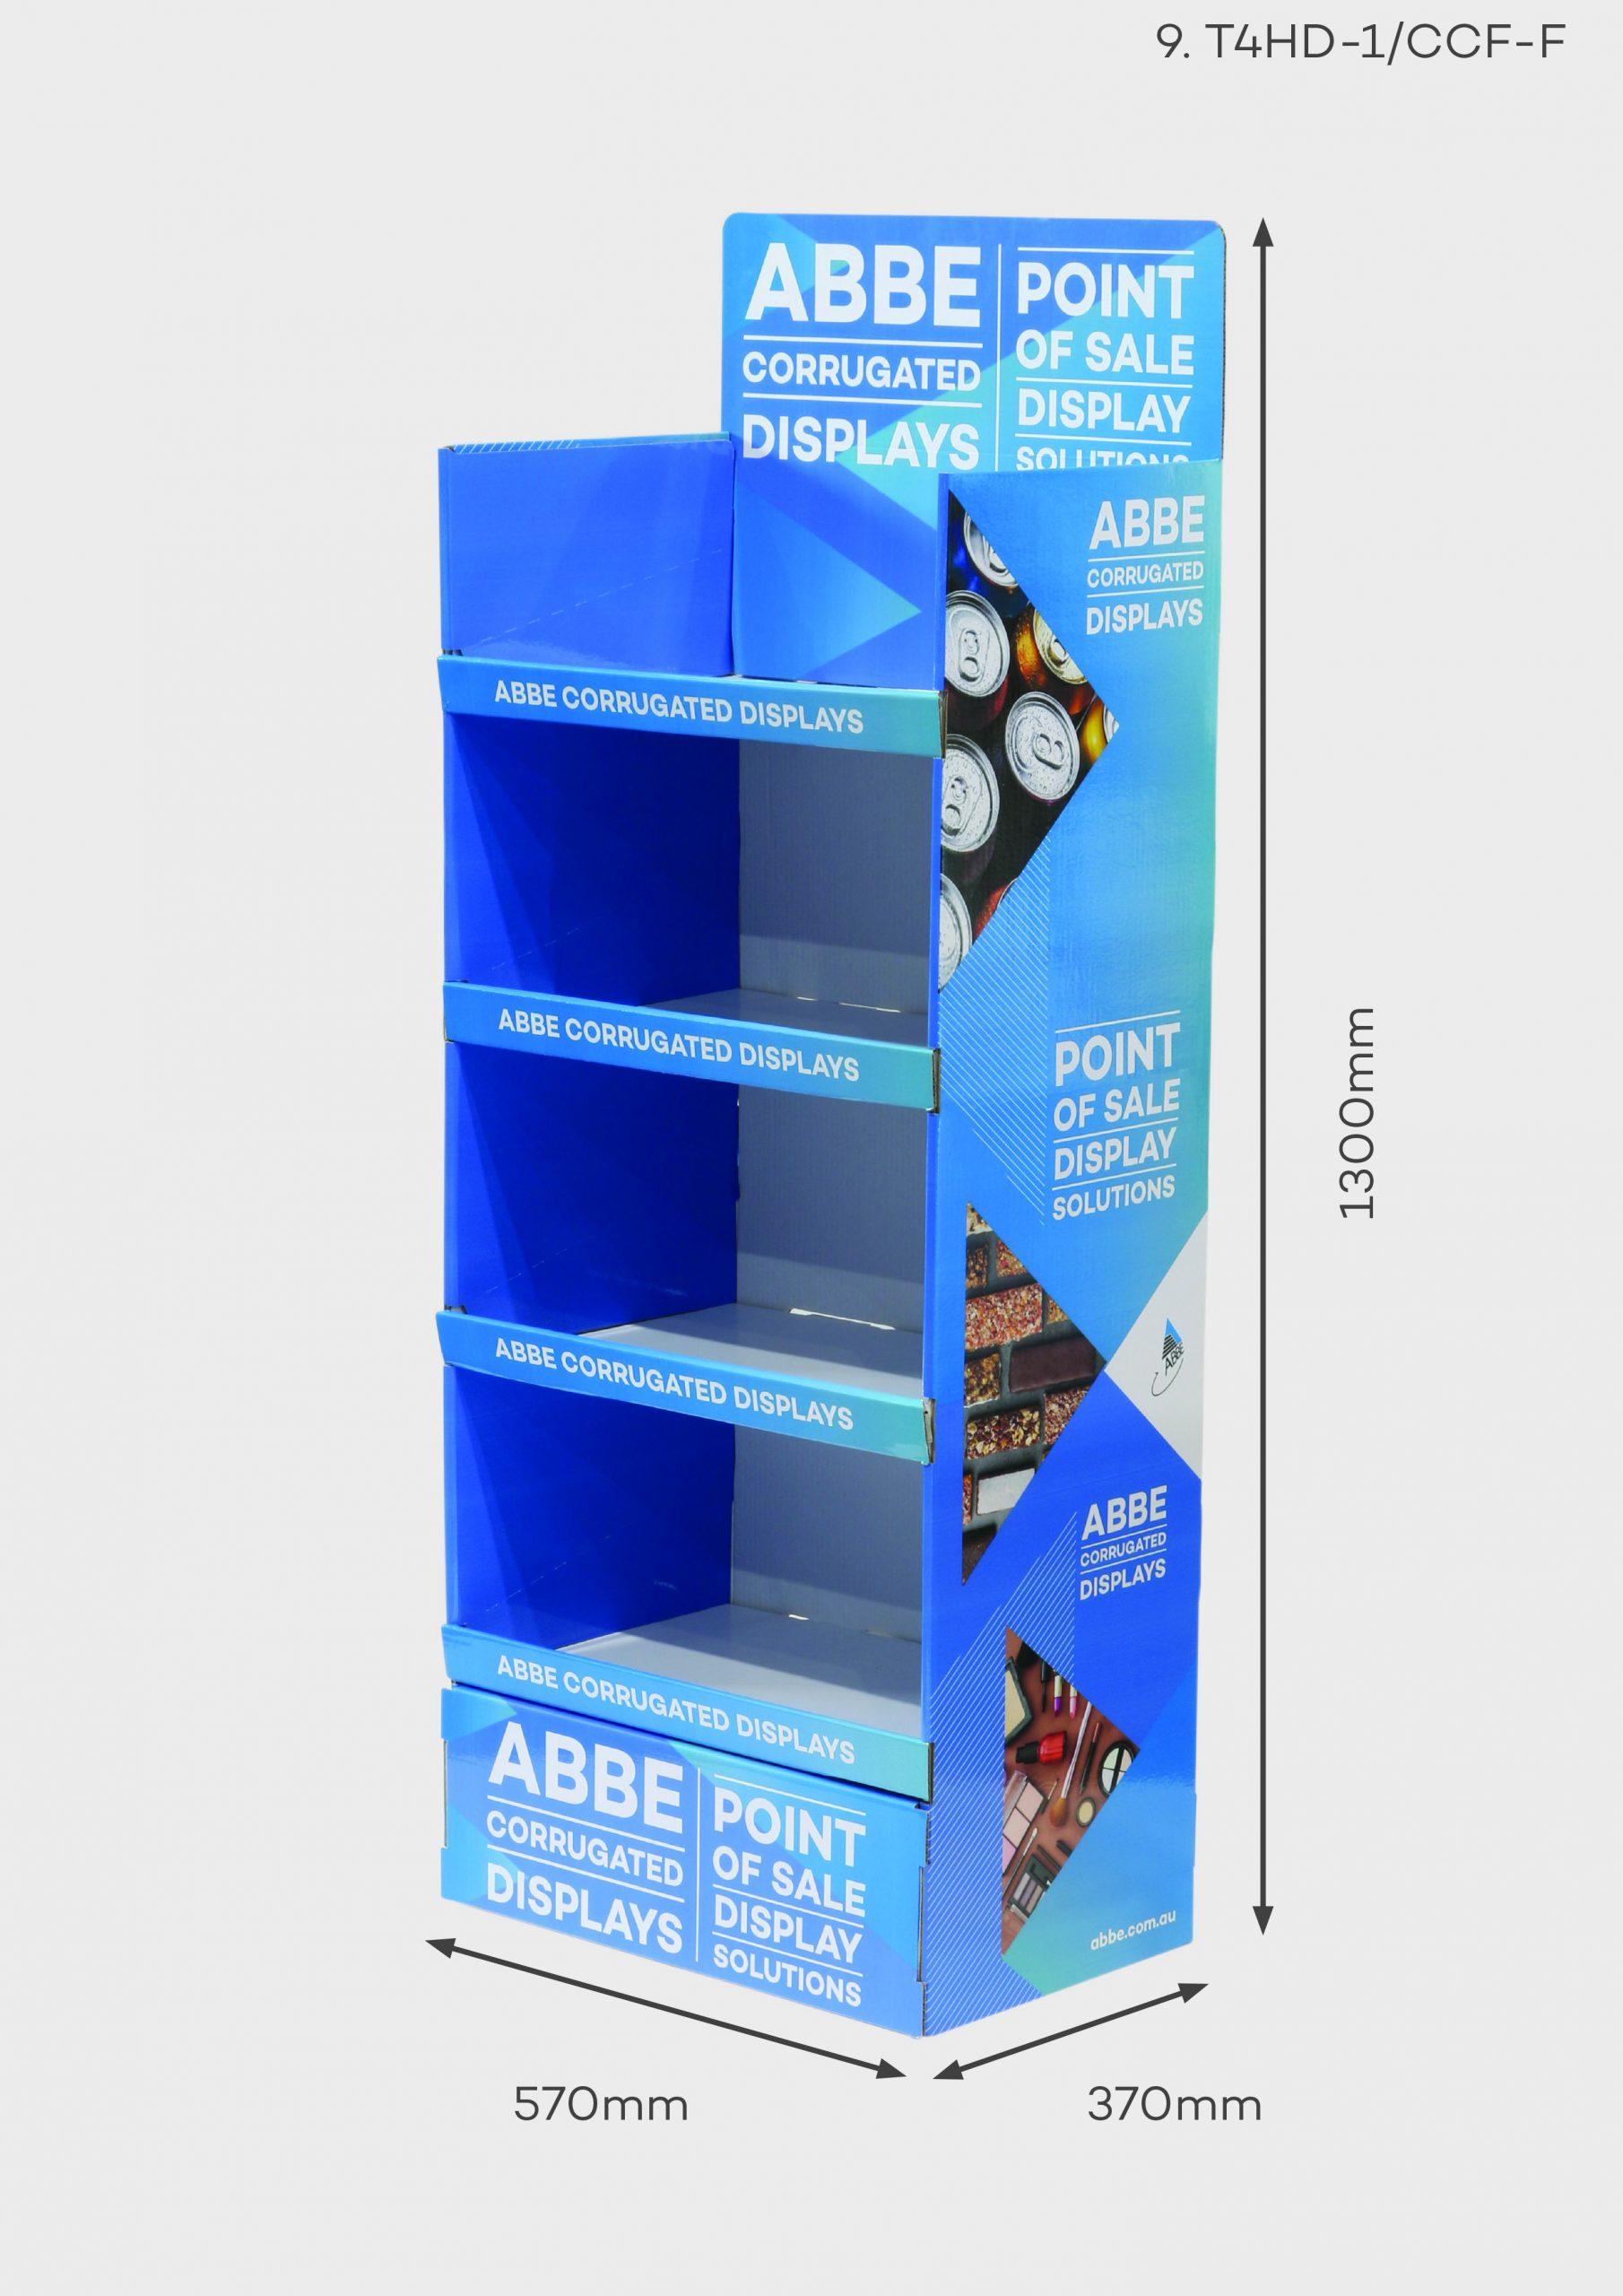 4 Shelf Wide Display (T4HD-1/CCF-F)